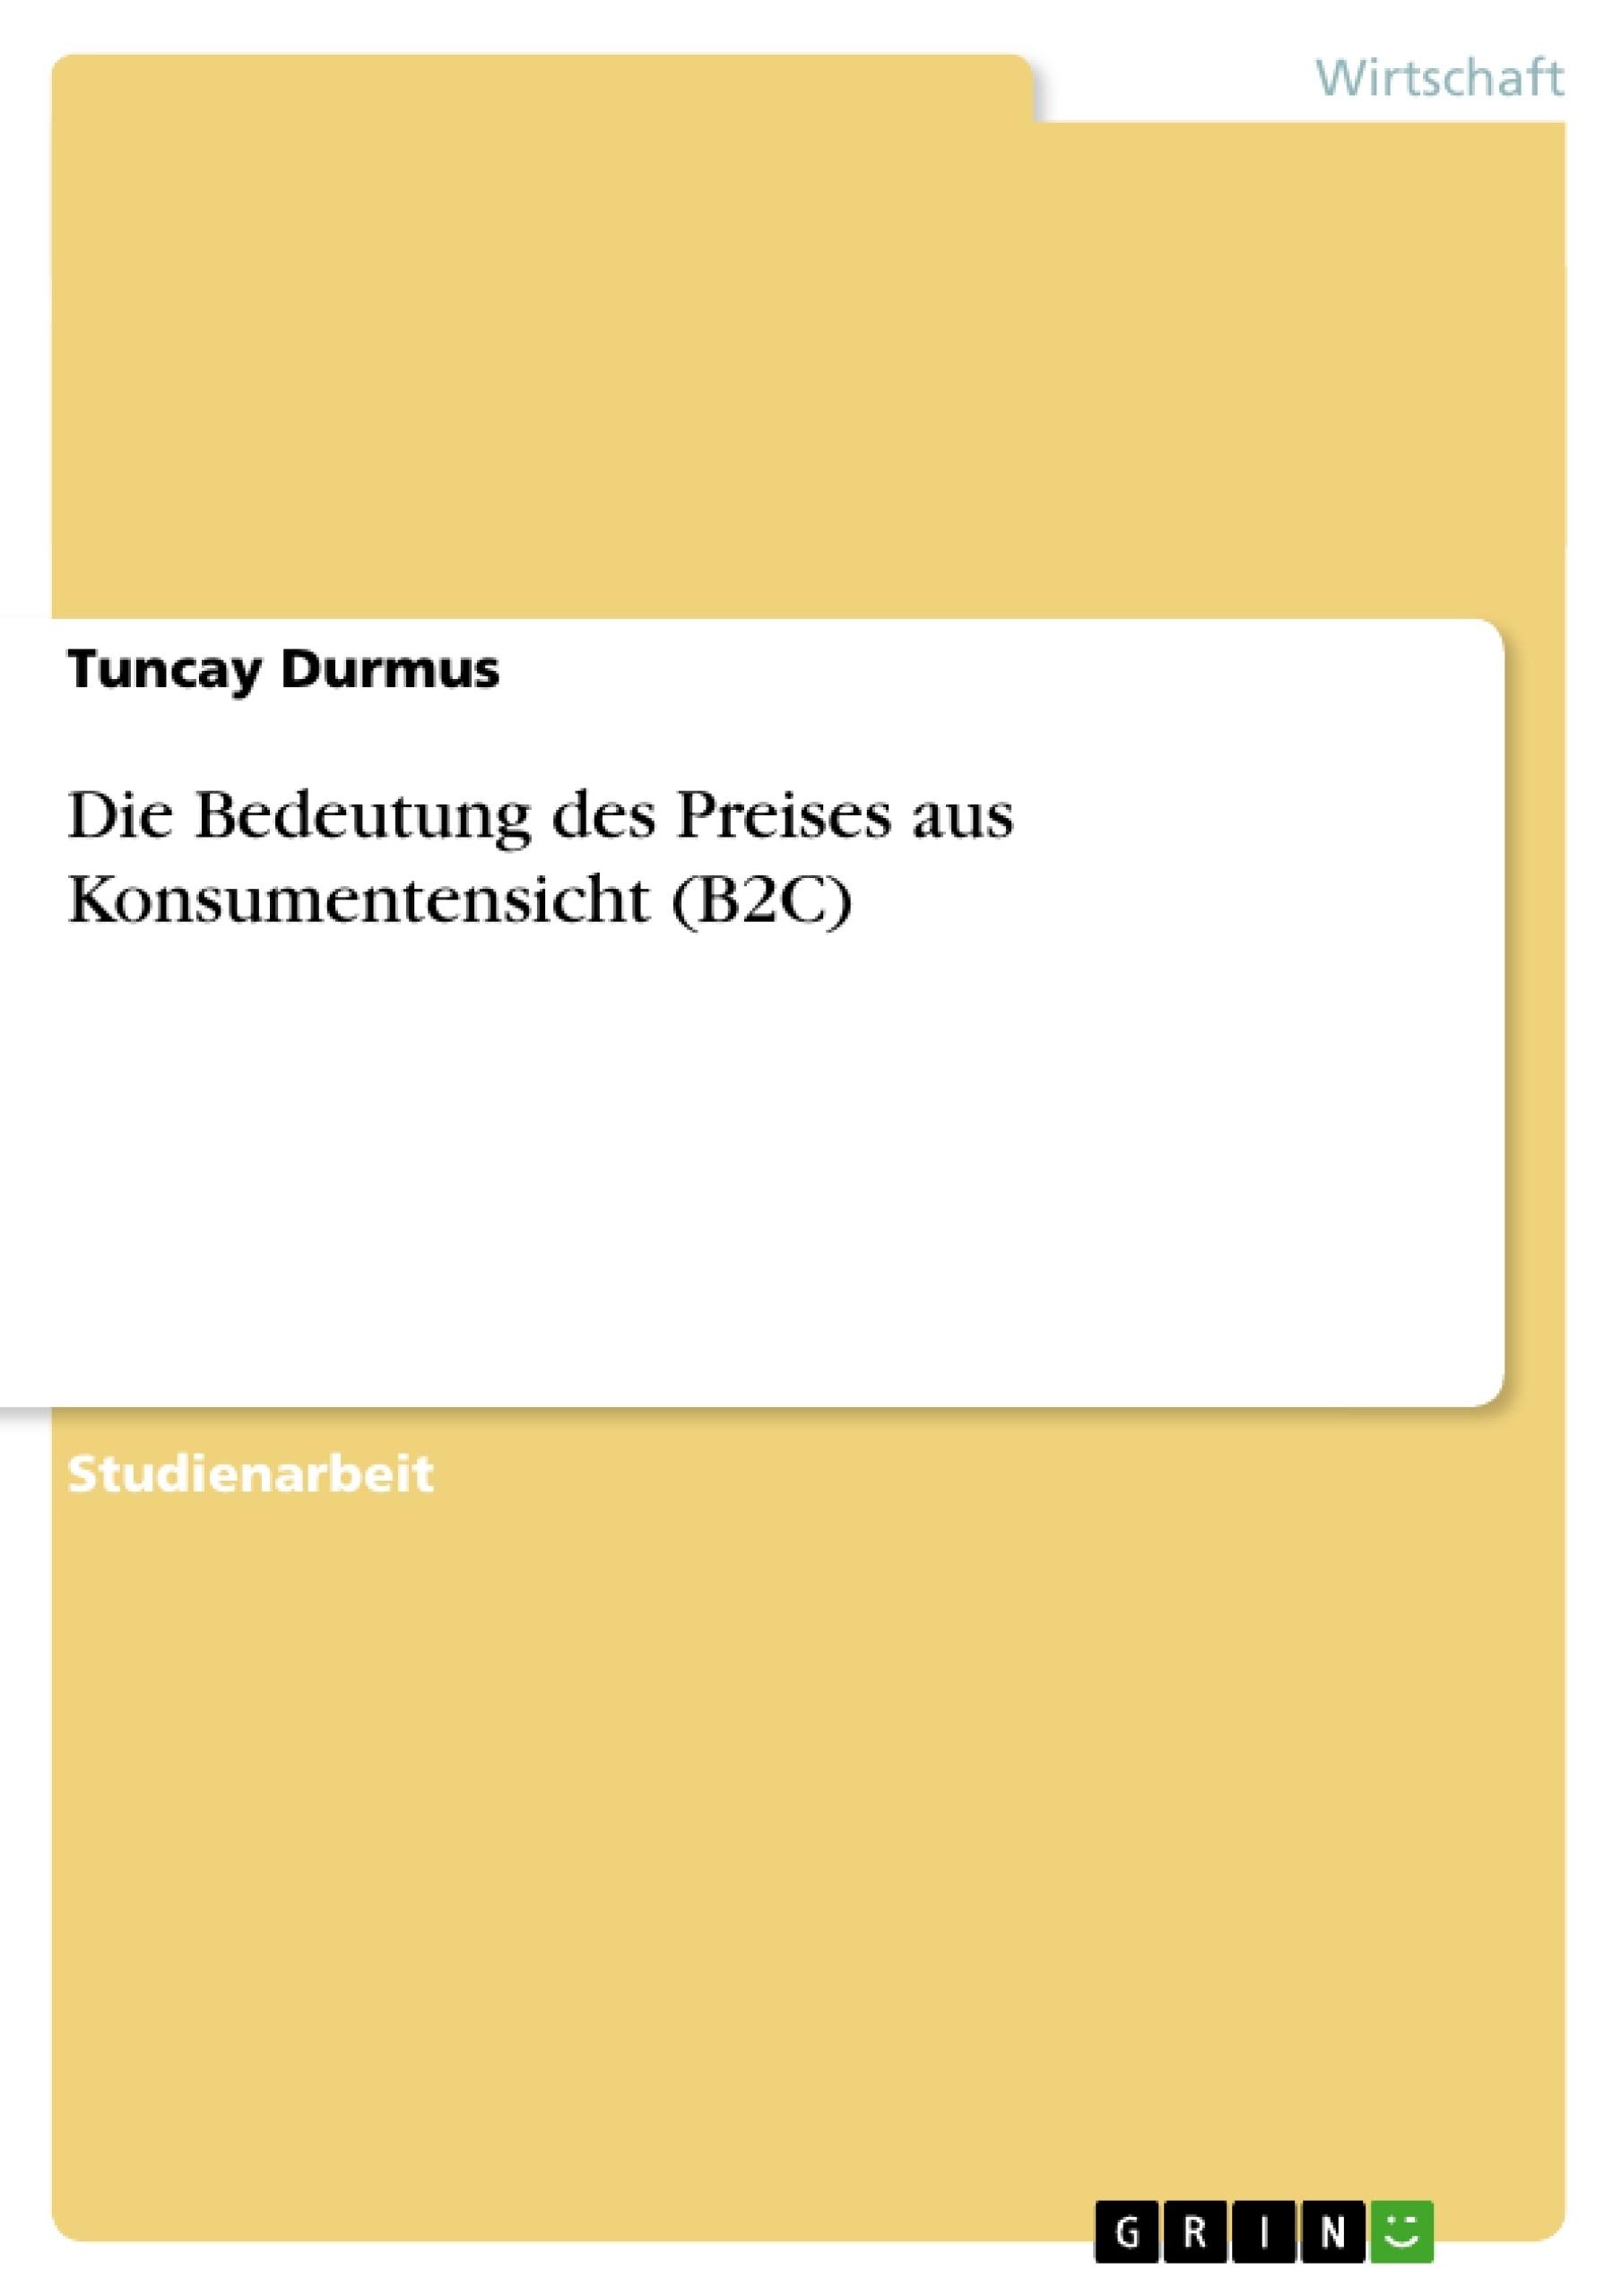 Titel: Die Bedeutung des Preises aus Konsumentensicht (B2C)